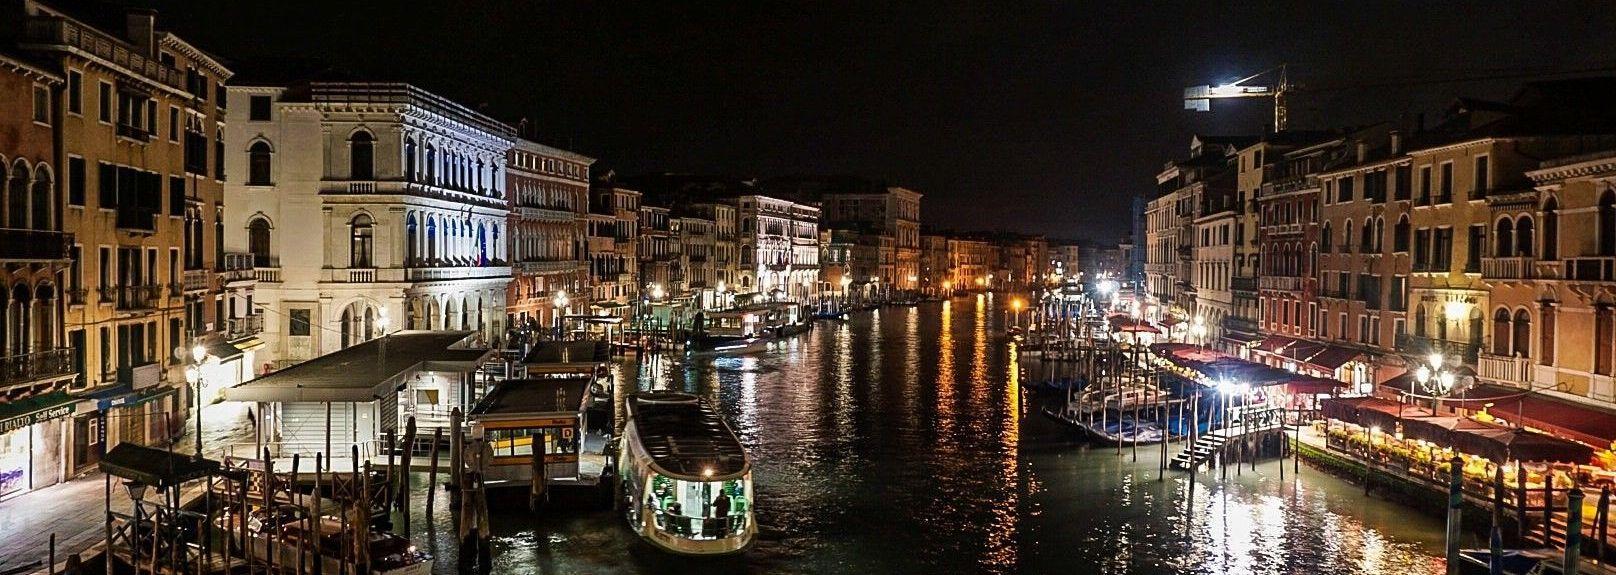 Mestre, Venice, Italy